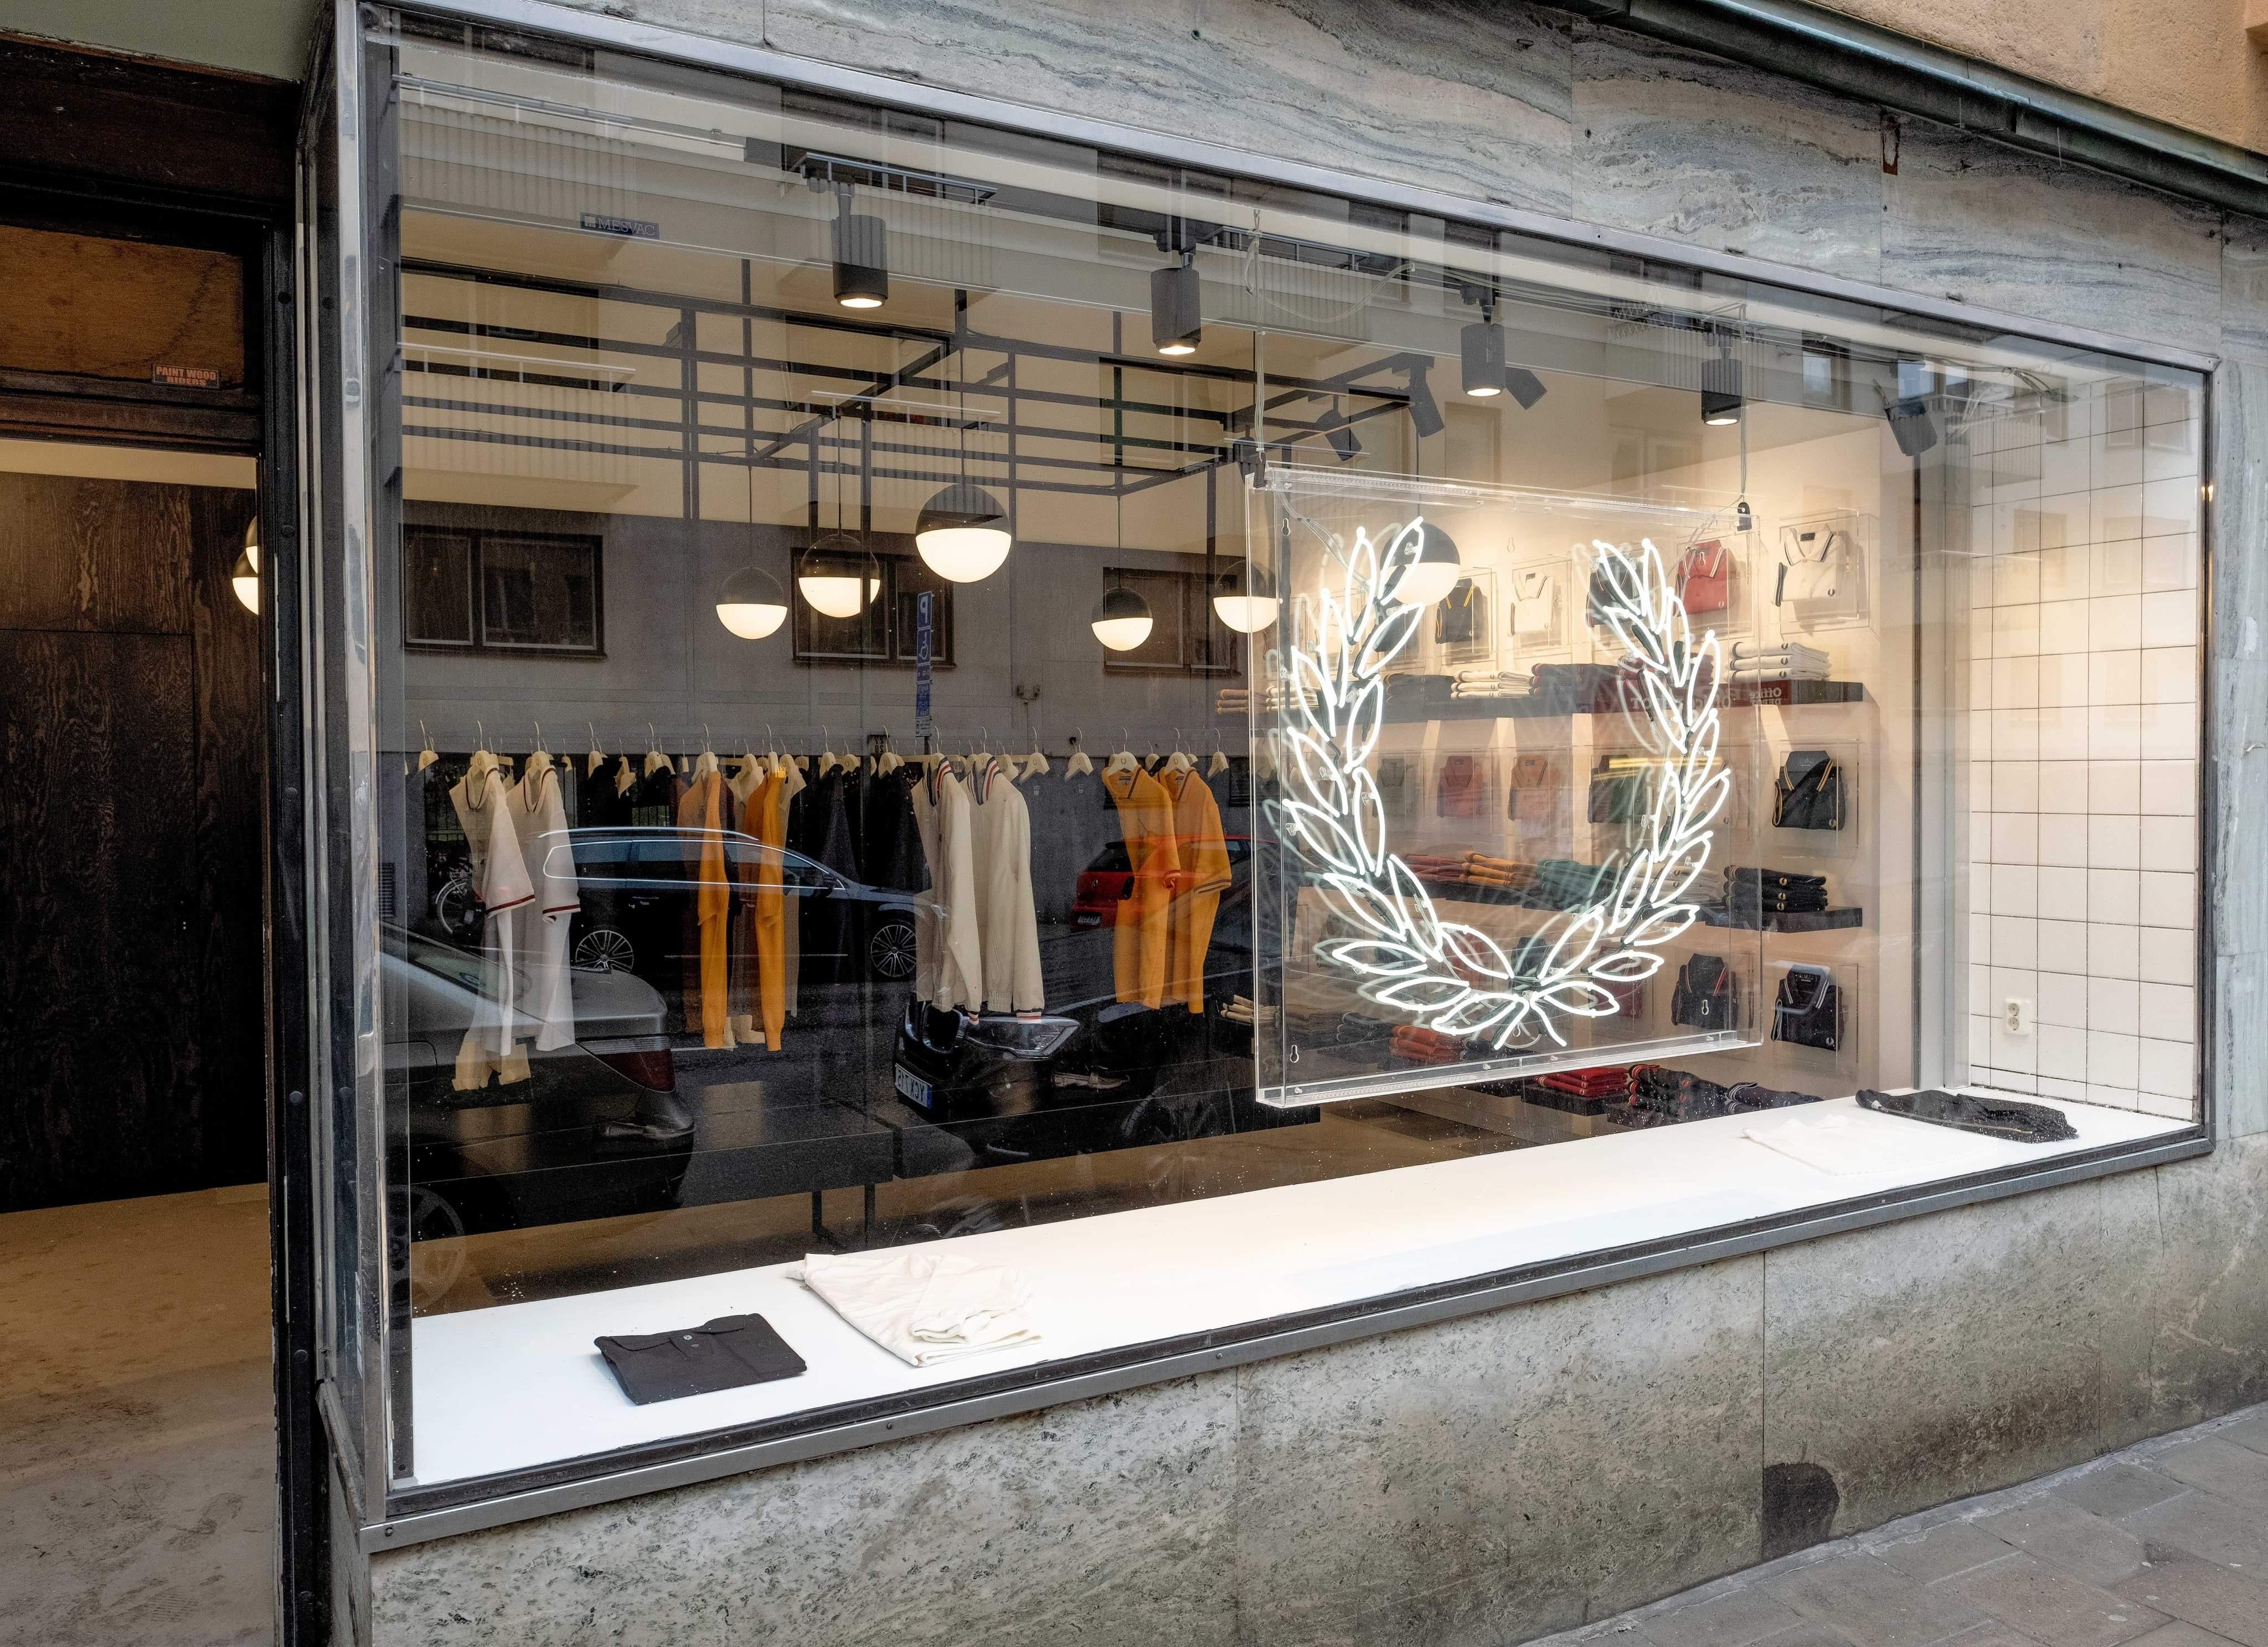 c9237f78cf43 Fred Perrys nygamla yta som återöppnade i ny skrud den 13 juni på  Bondegatan i Stockholm. I veckan nyöppnar Fred Perry butiken ...